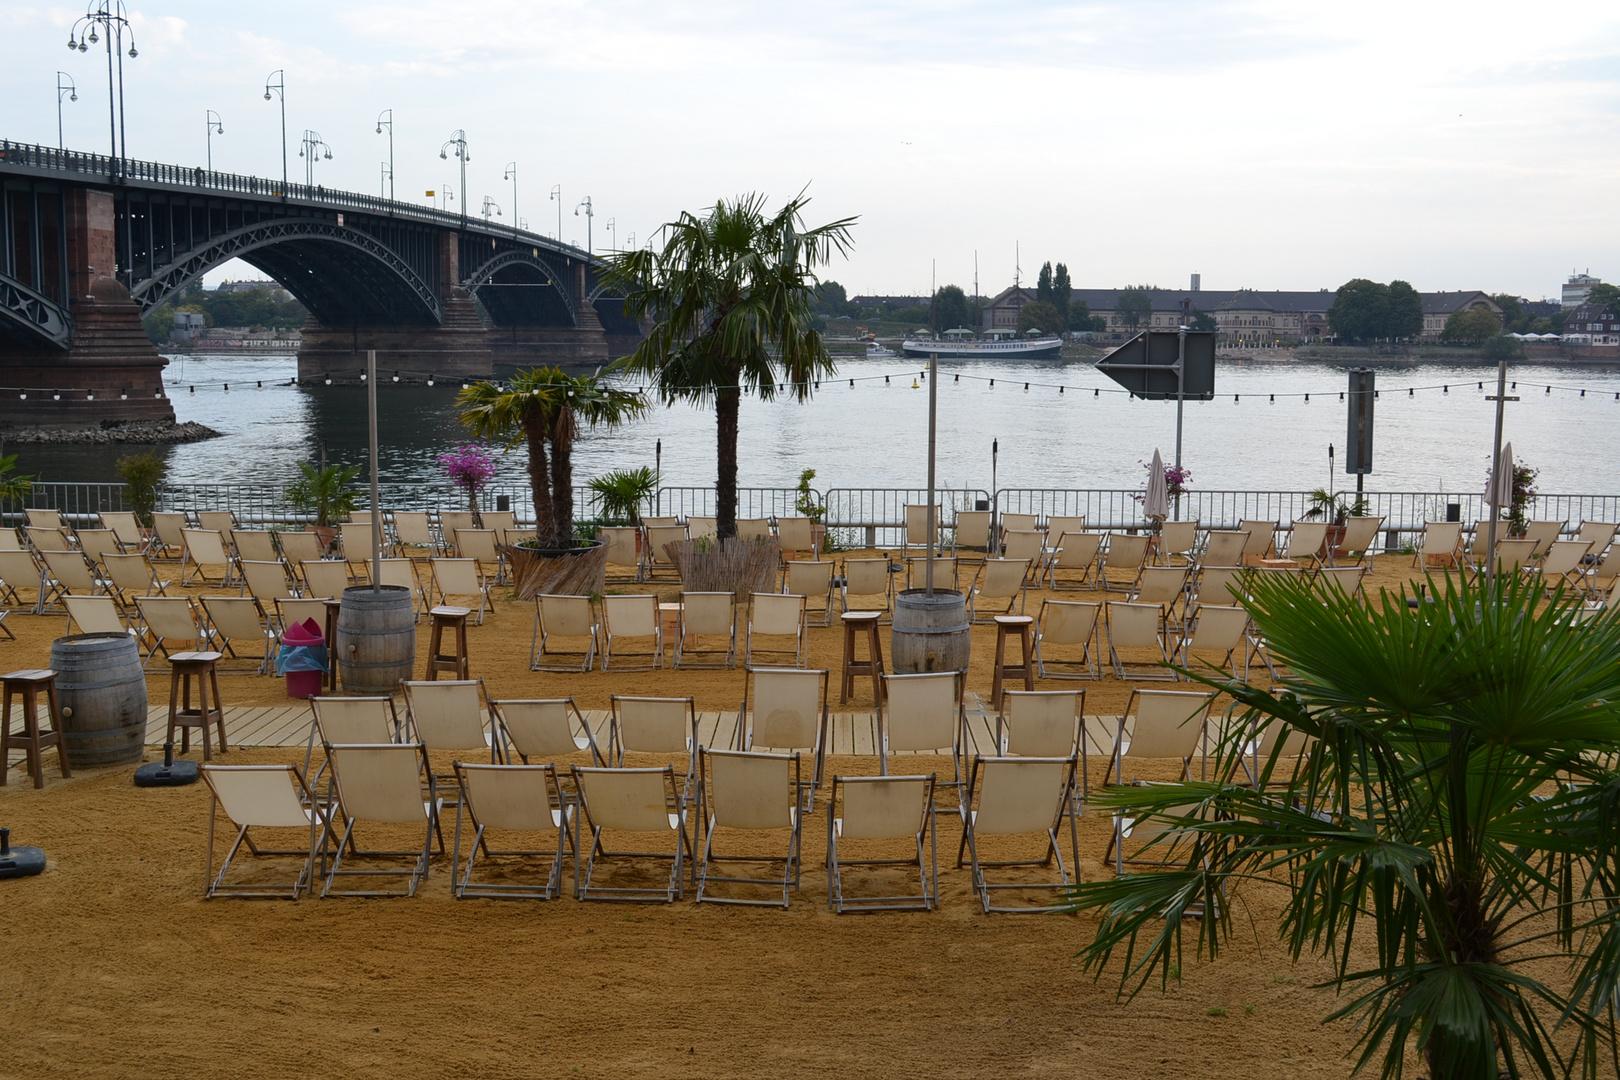 Strandpromenate am Rhein